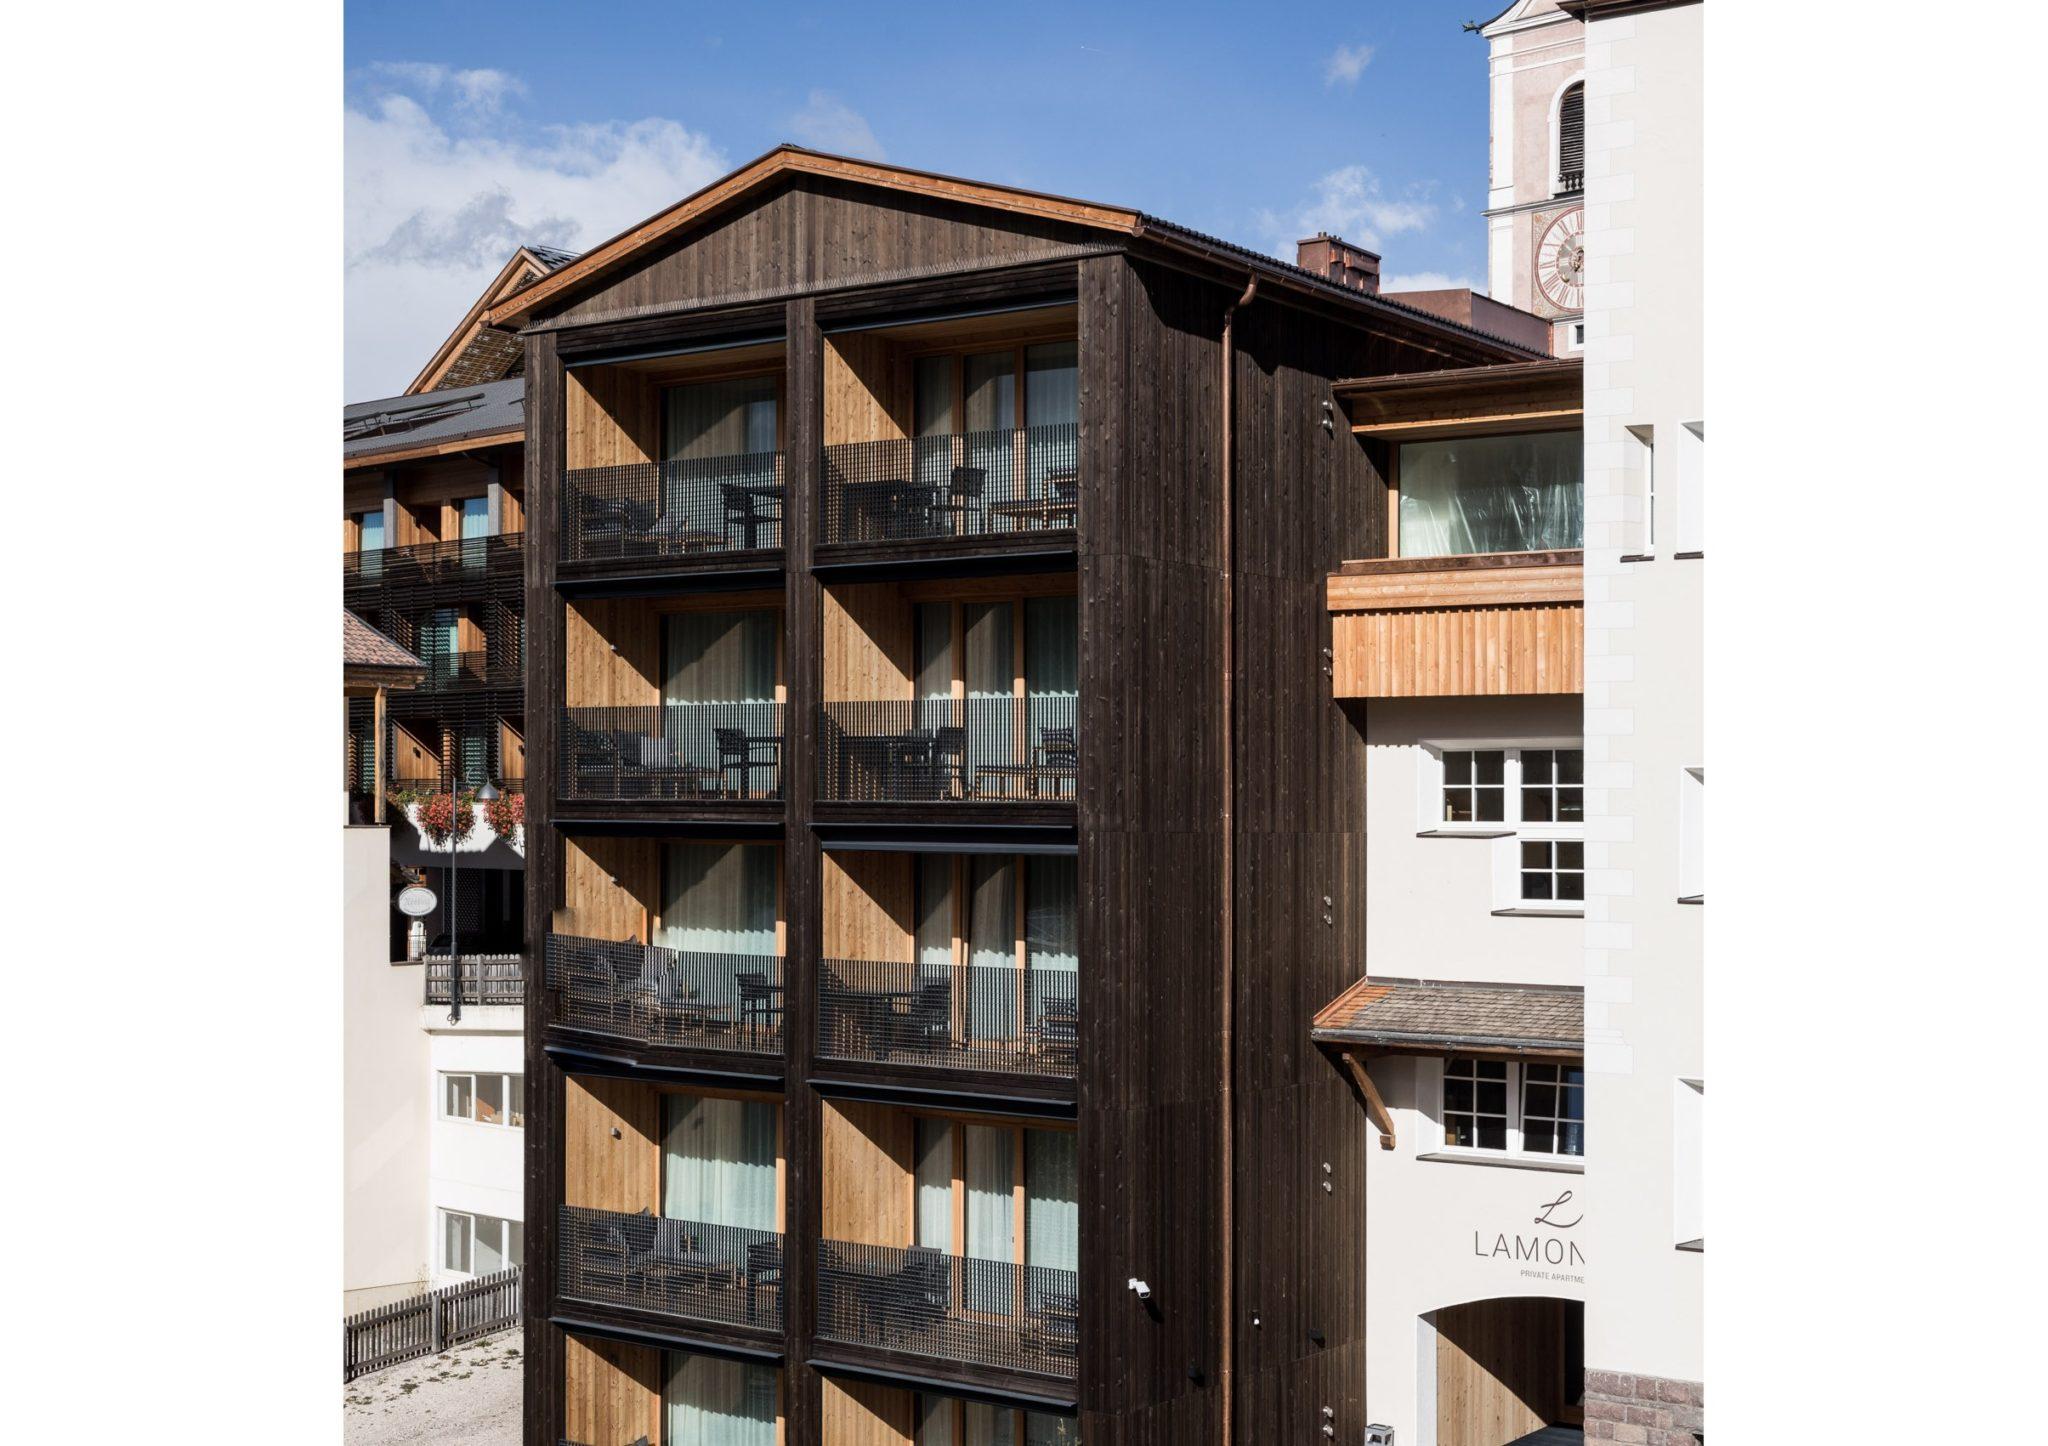 Lamondis Private Apartments – Tischlerei Rier